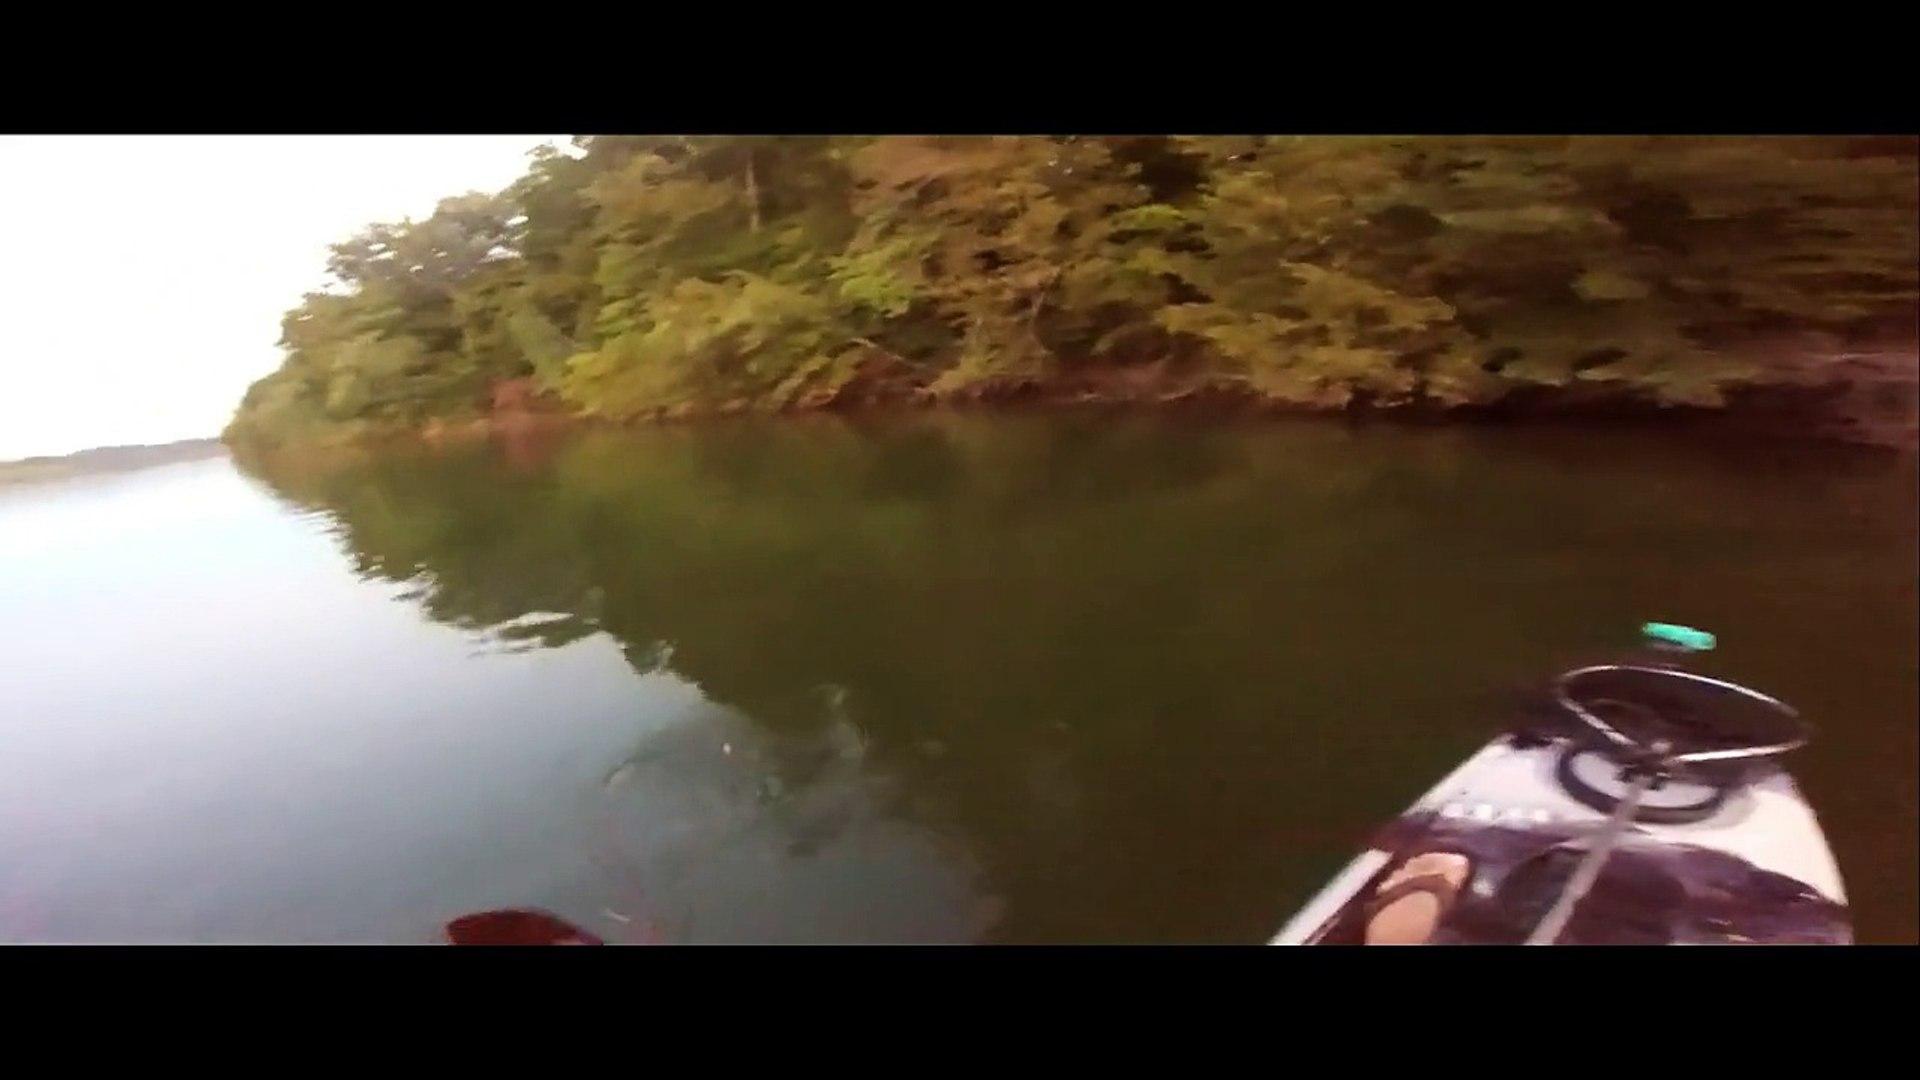 kayak bass fishing - Smallmouth bass - Tims Ford Lake TN